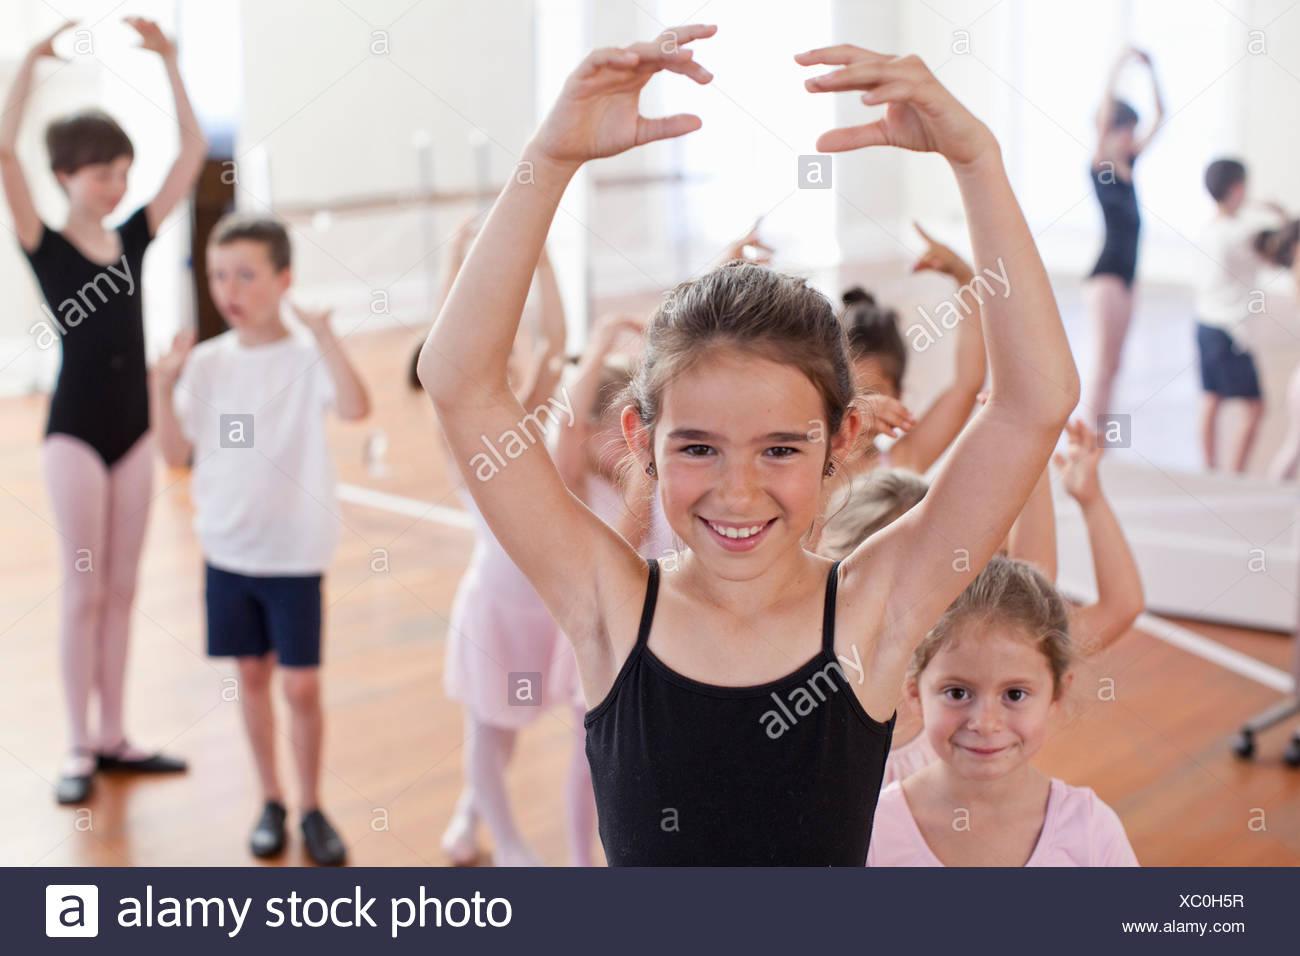 Portrait de jeune fille en danse ballet ballet school Photo Stock